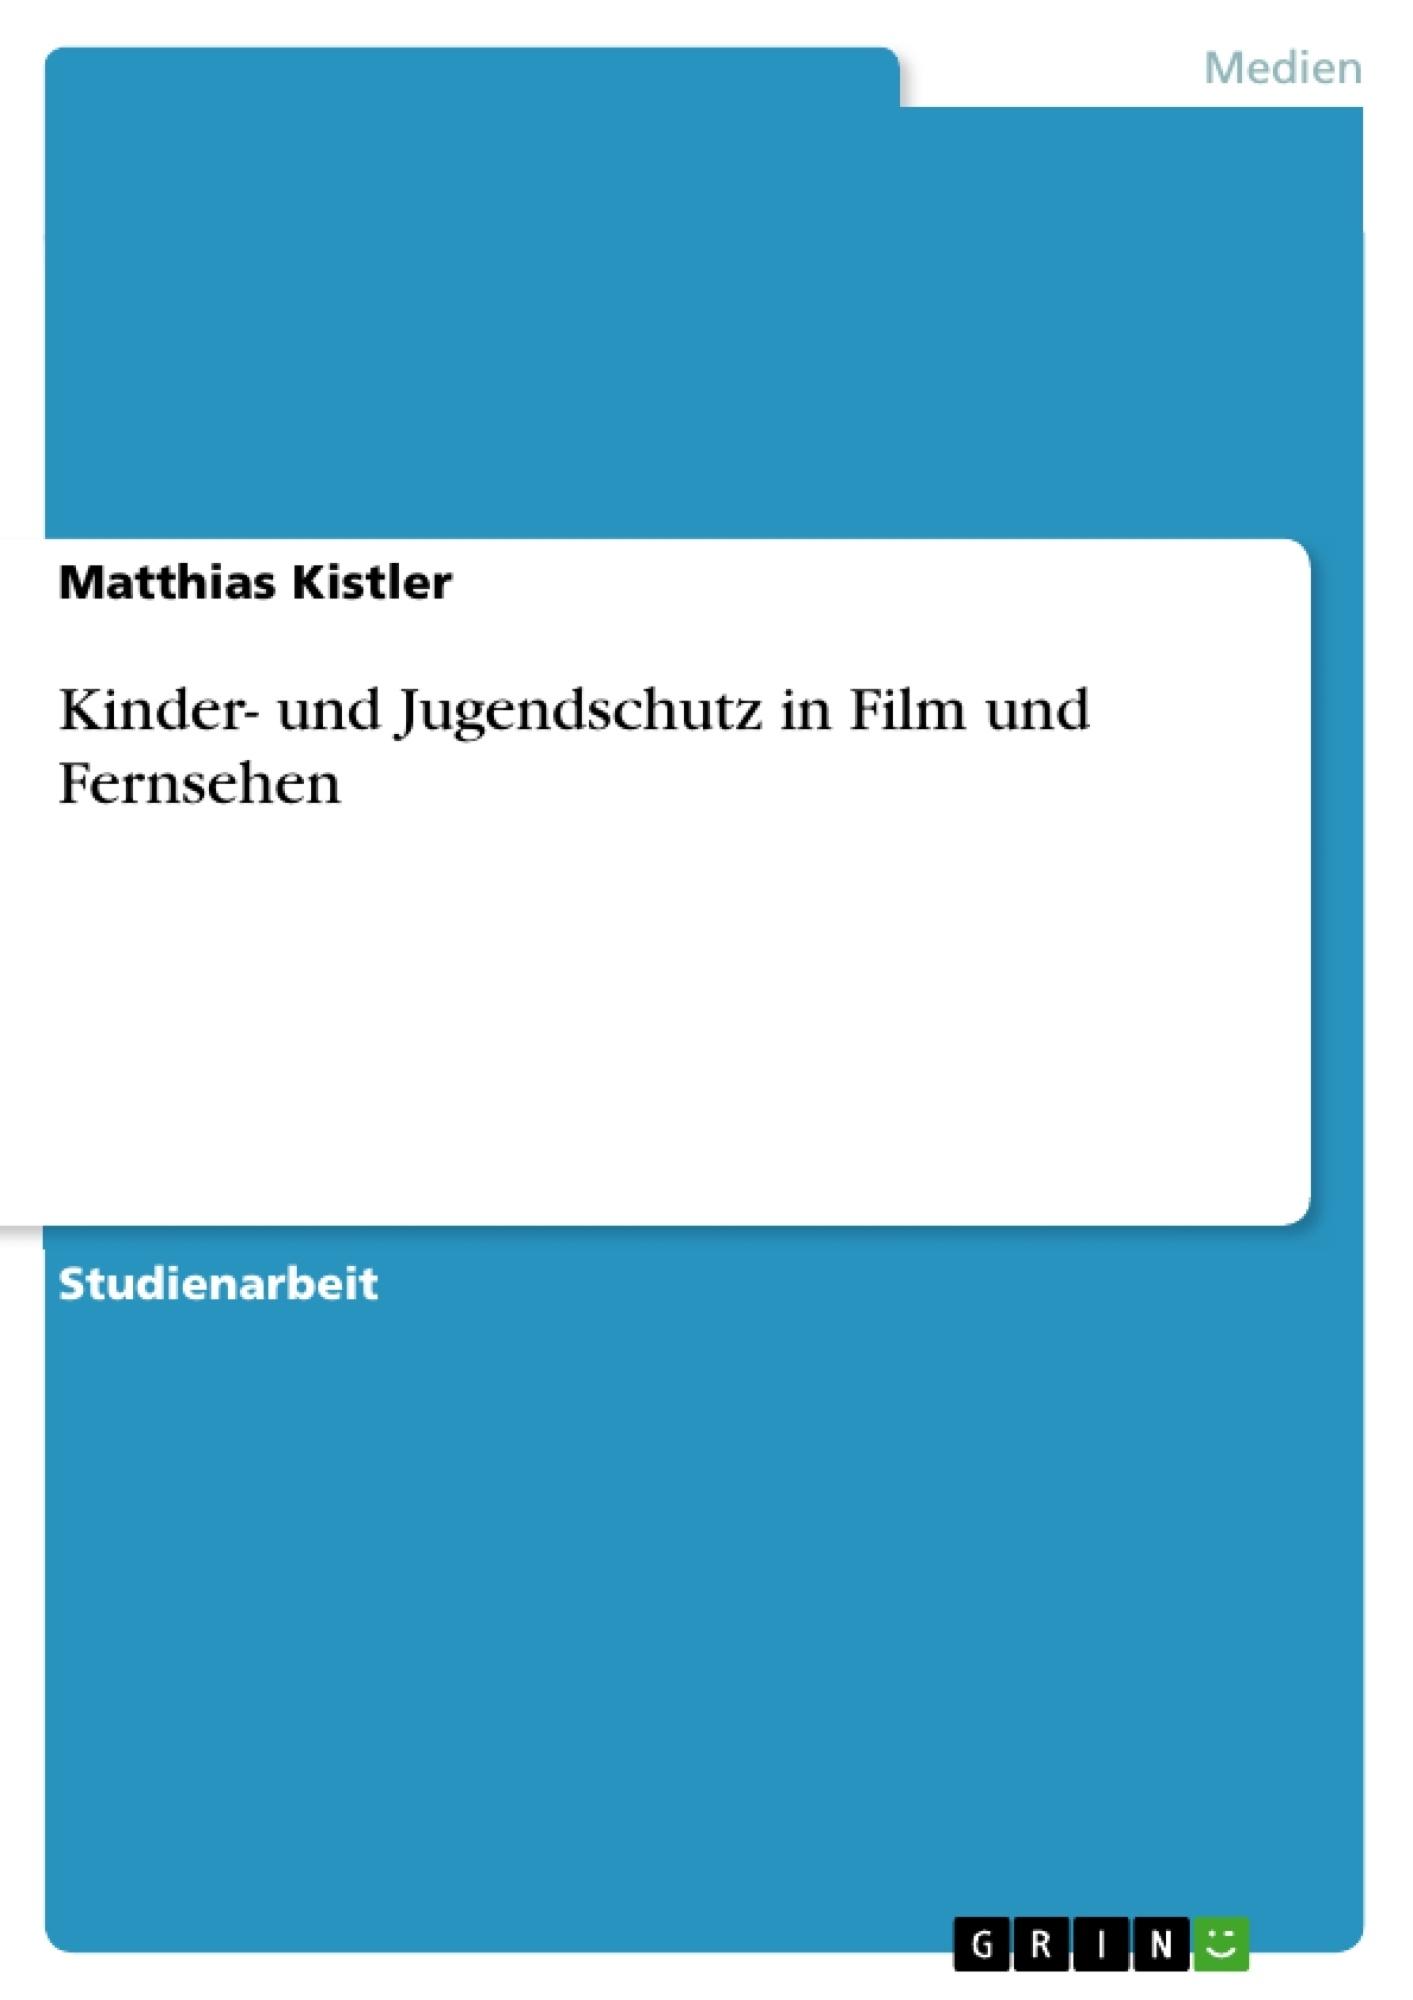 Titel: Kinder- und Jugendschutz in Film und Fernsehen